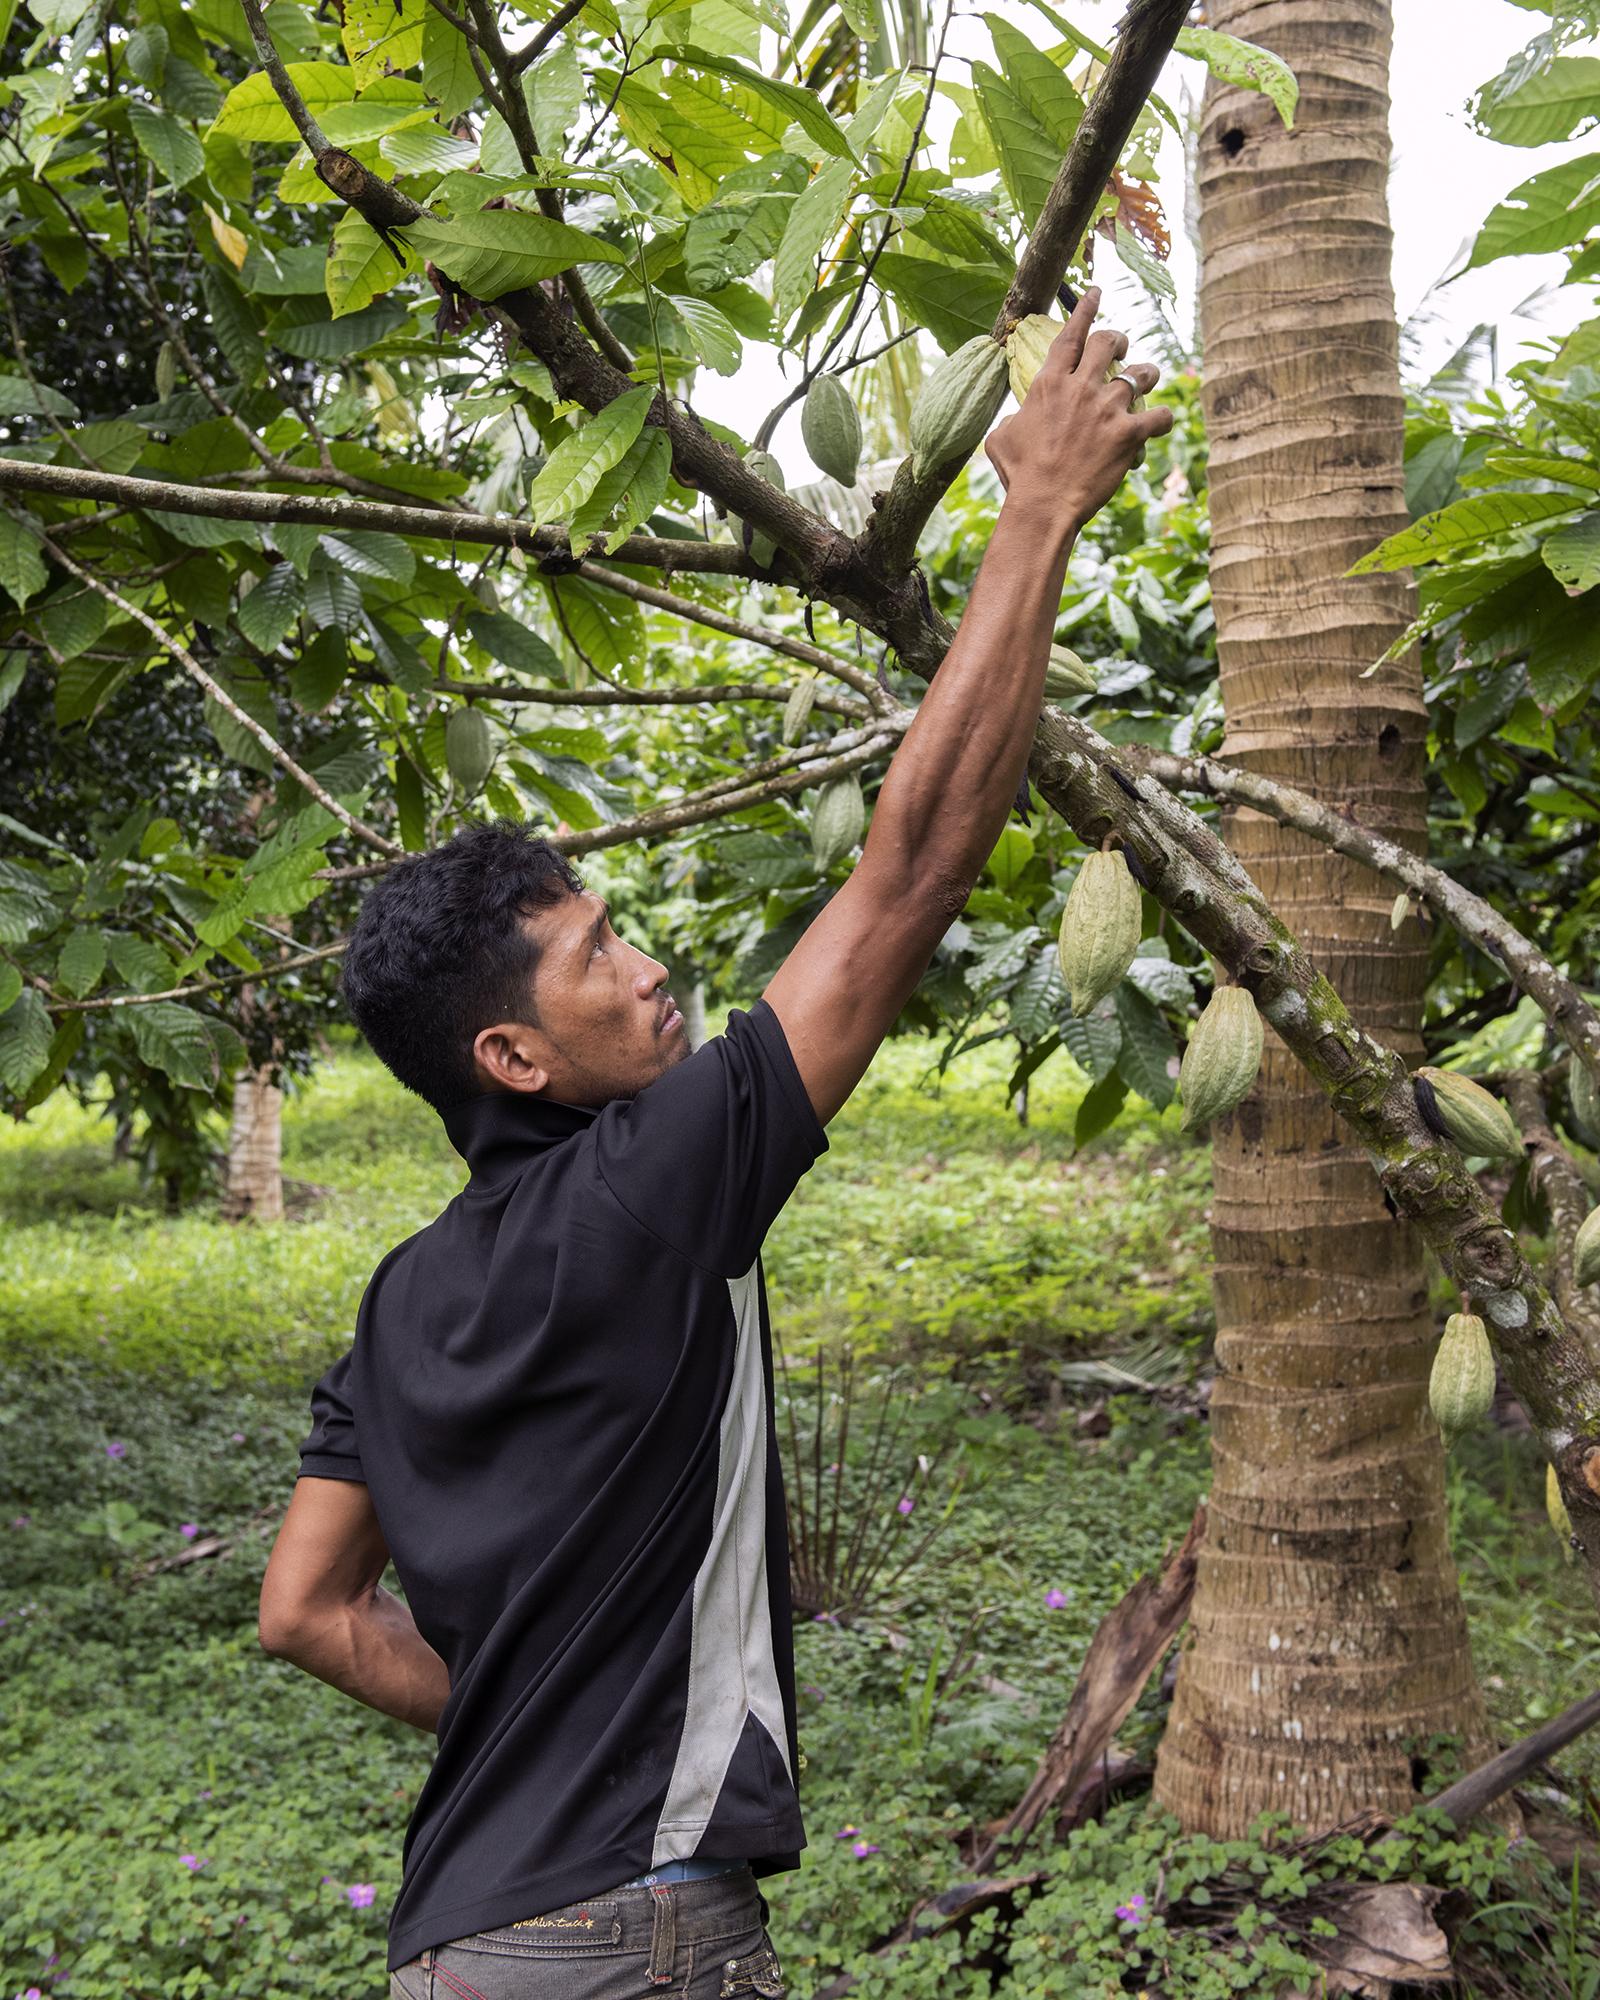 Tile To'a harvests koko